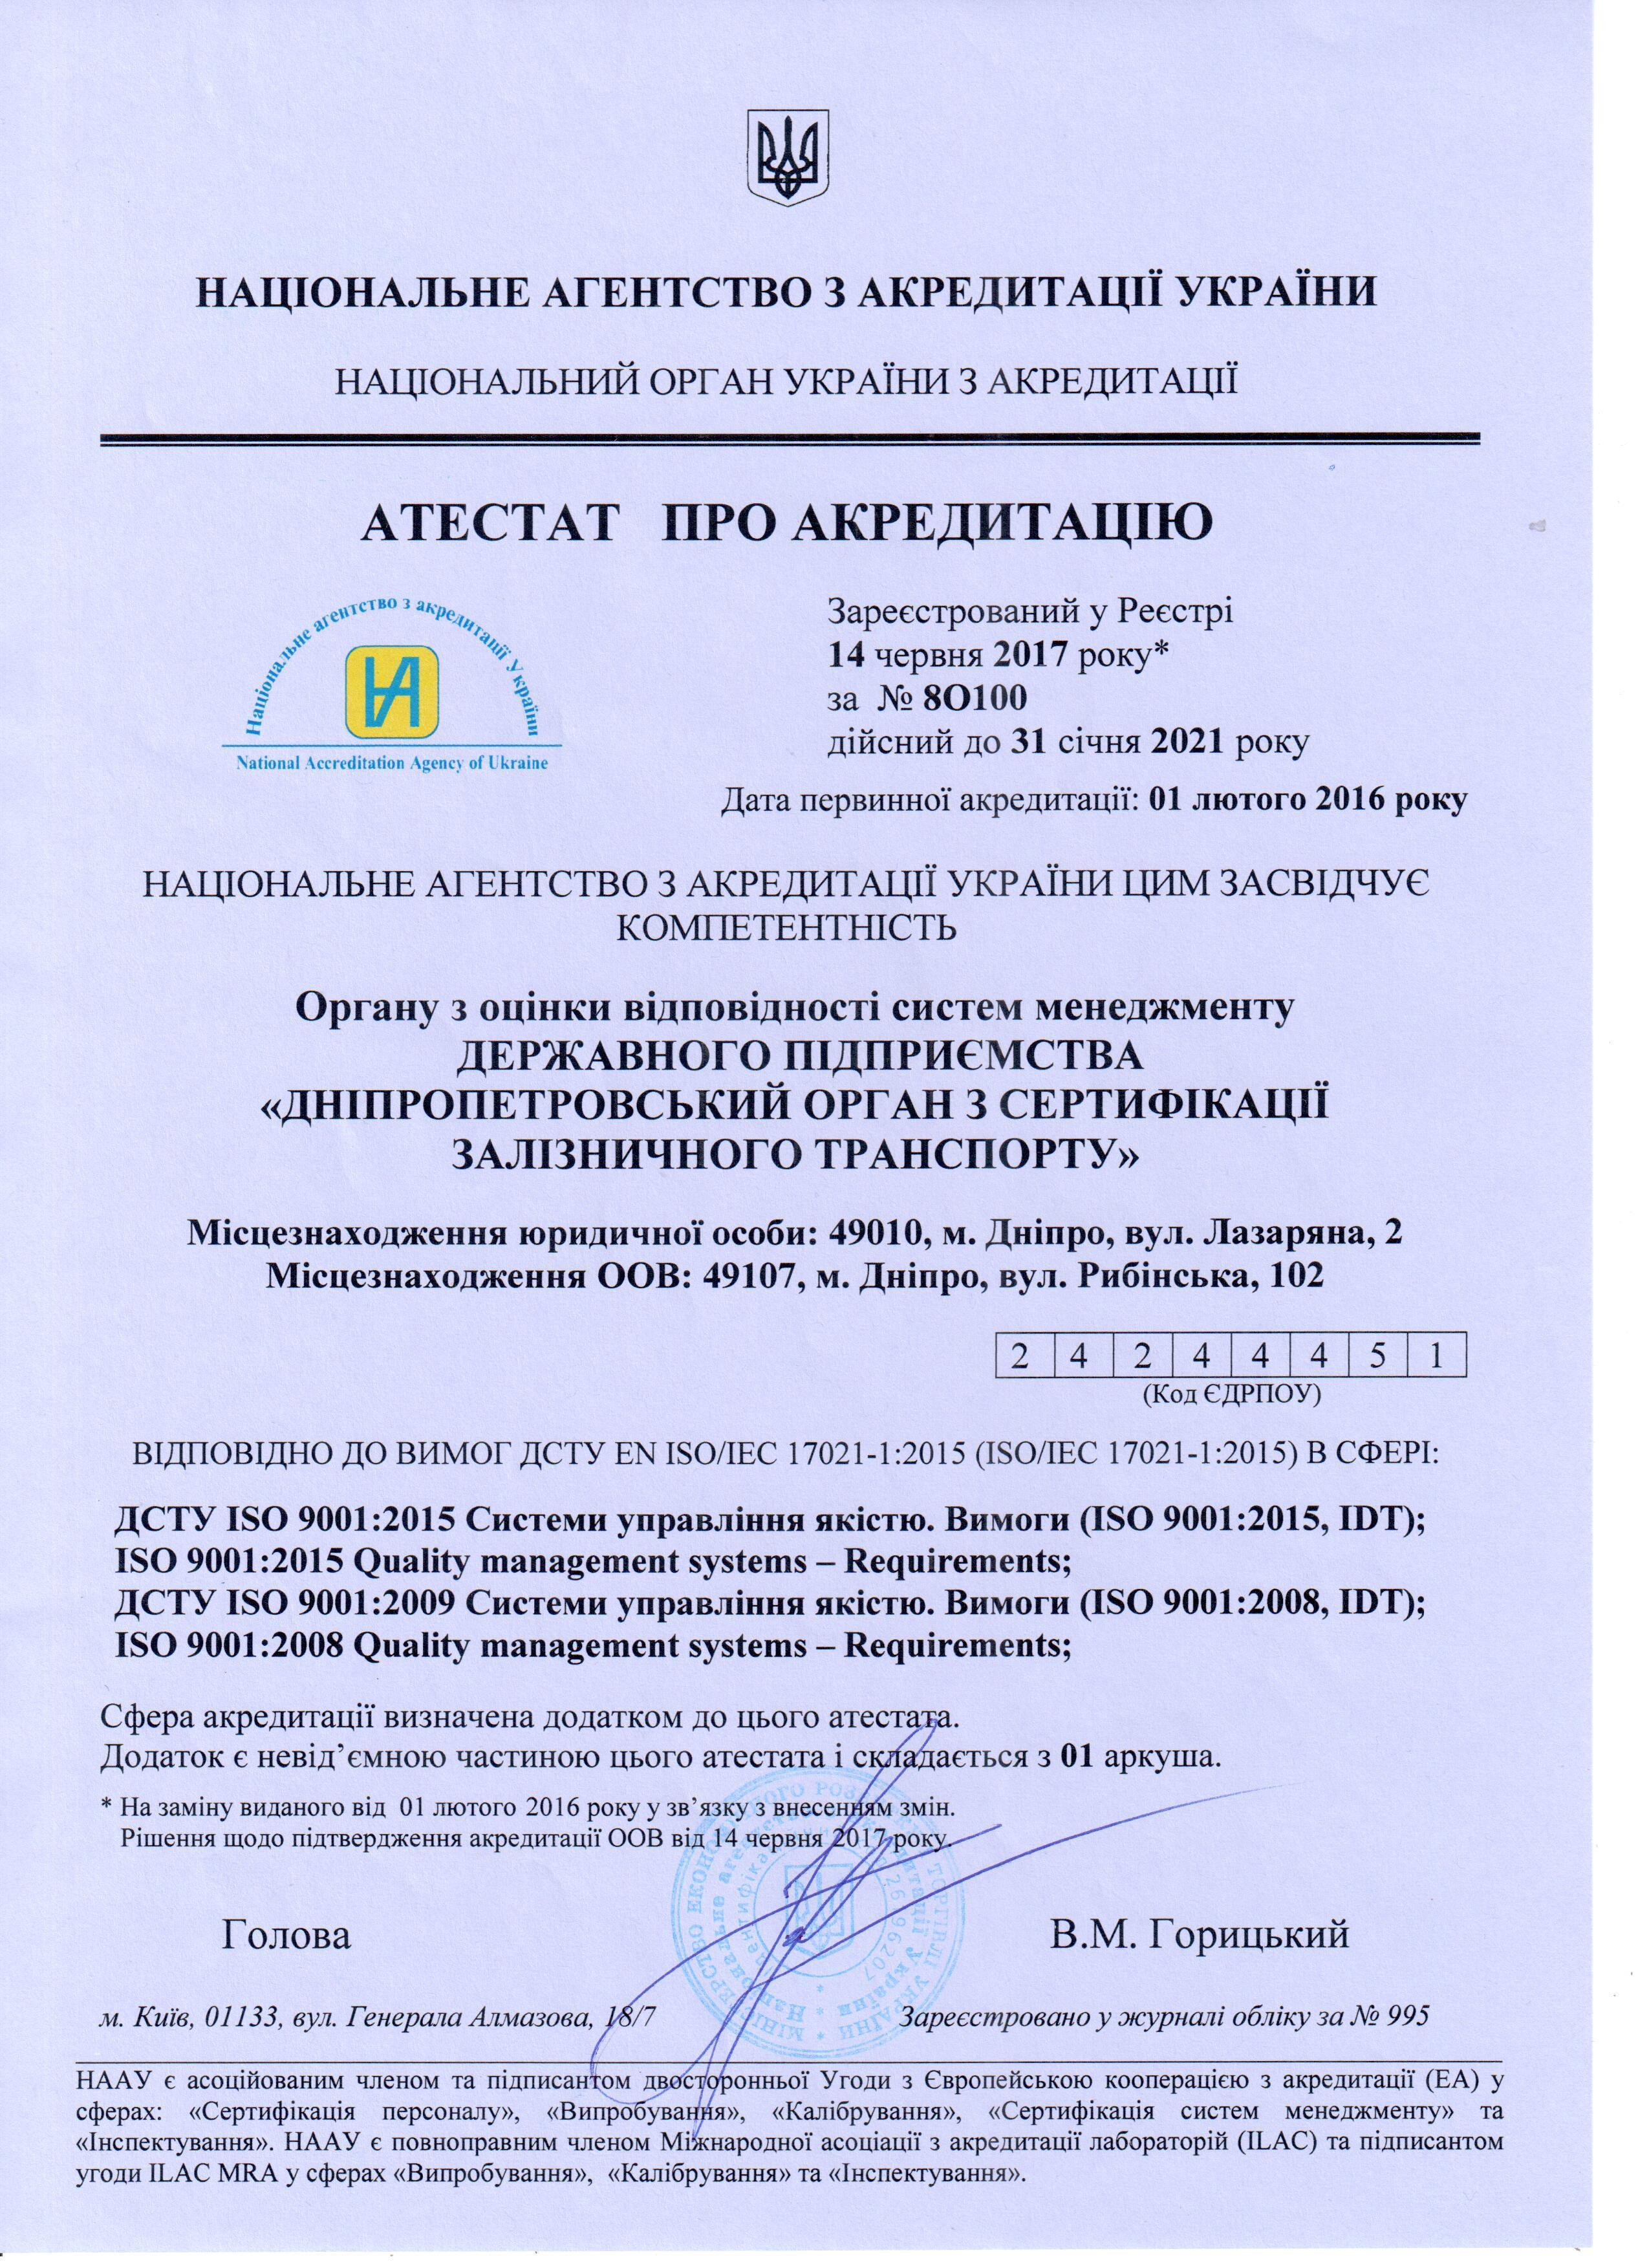 Поможет ли сертификация вашему предприятию анализ нормативной документации и сертификация минеральной воды